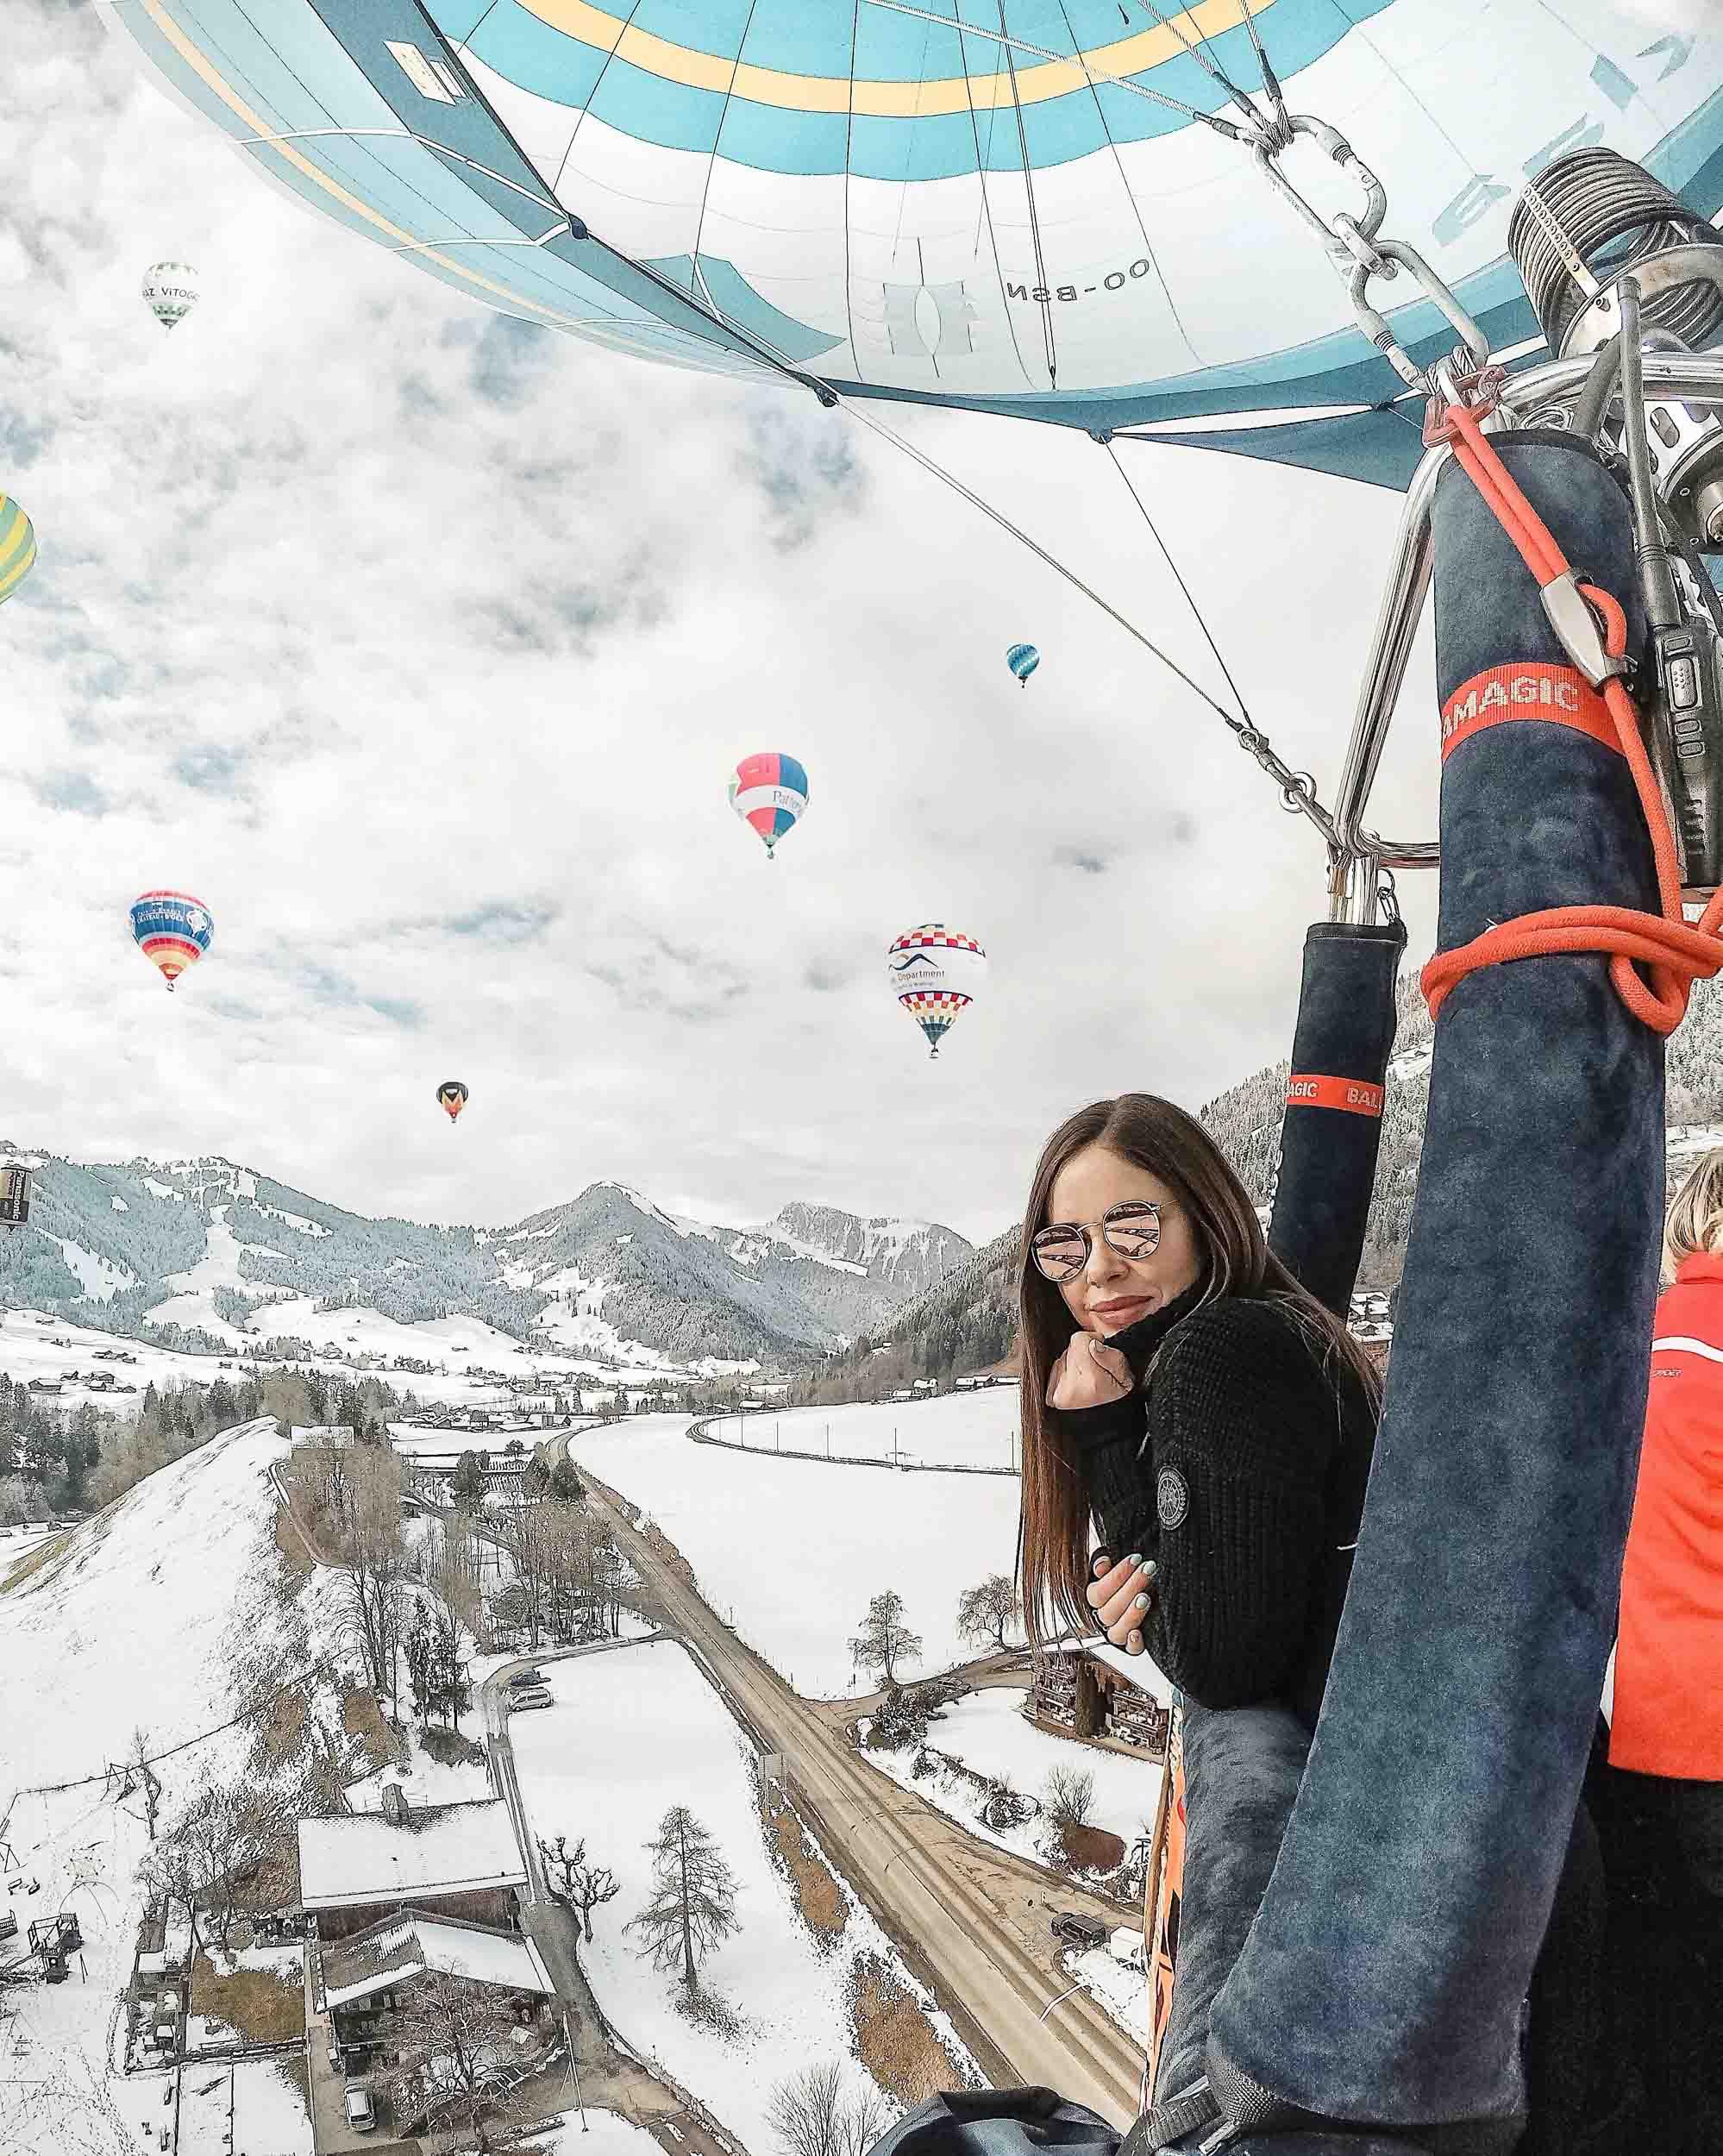 ckanani-hotairballoon-1.jpg